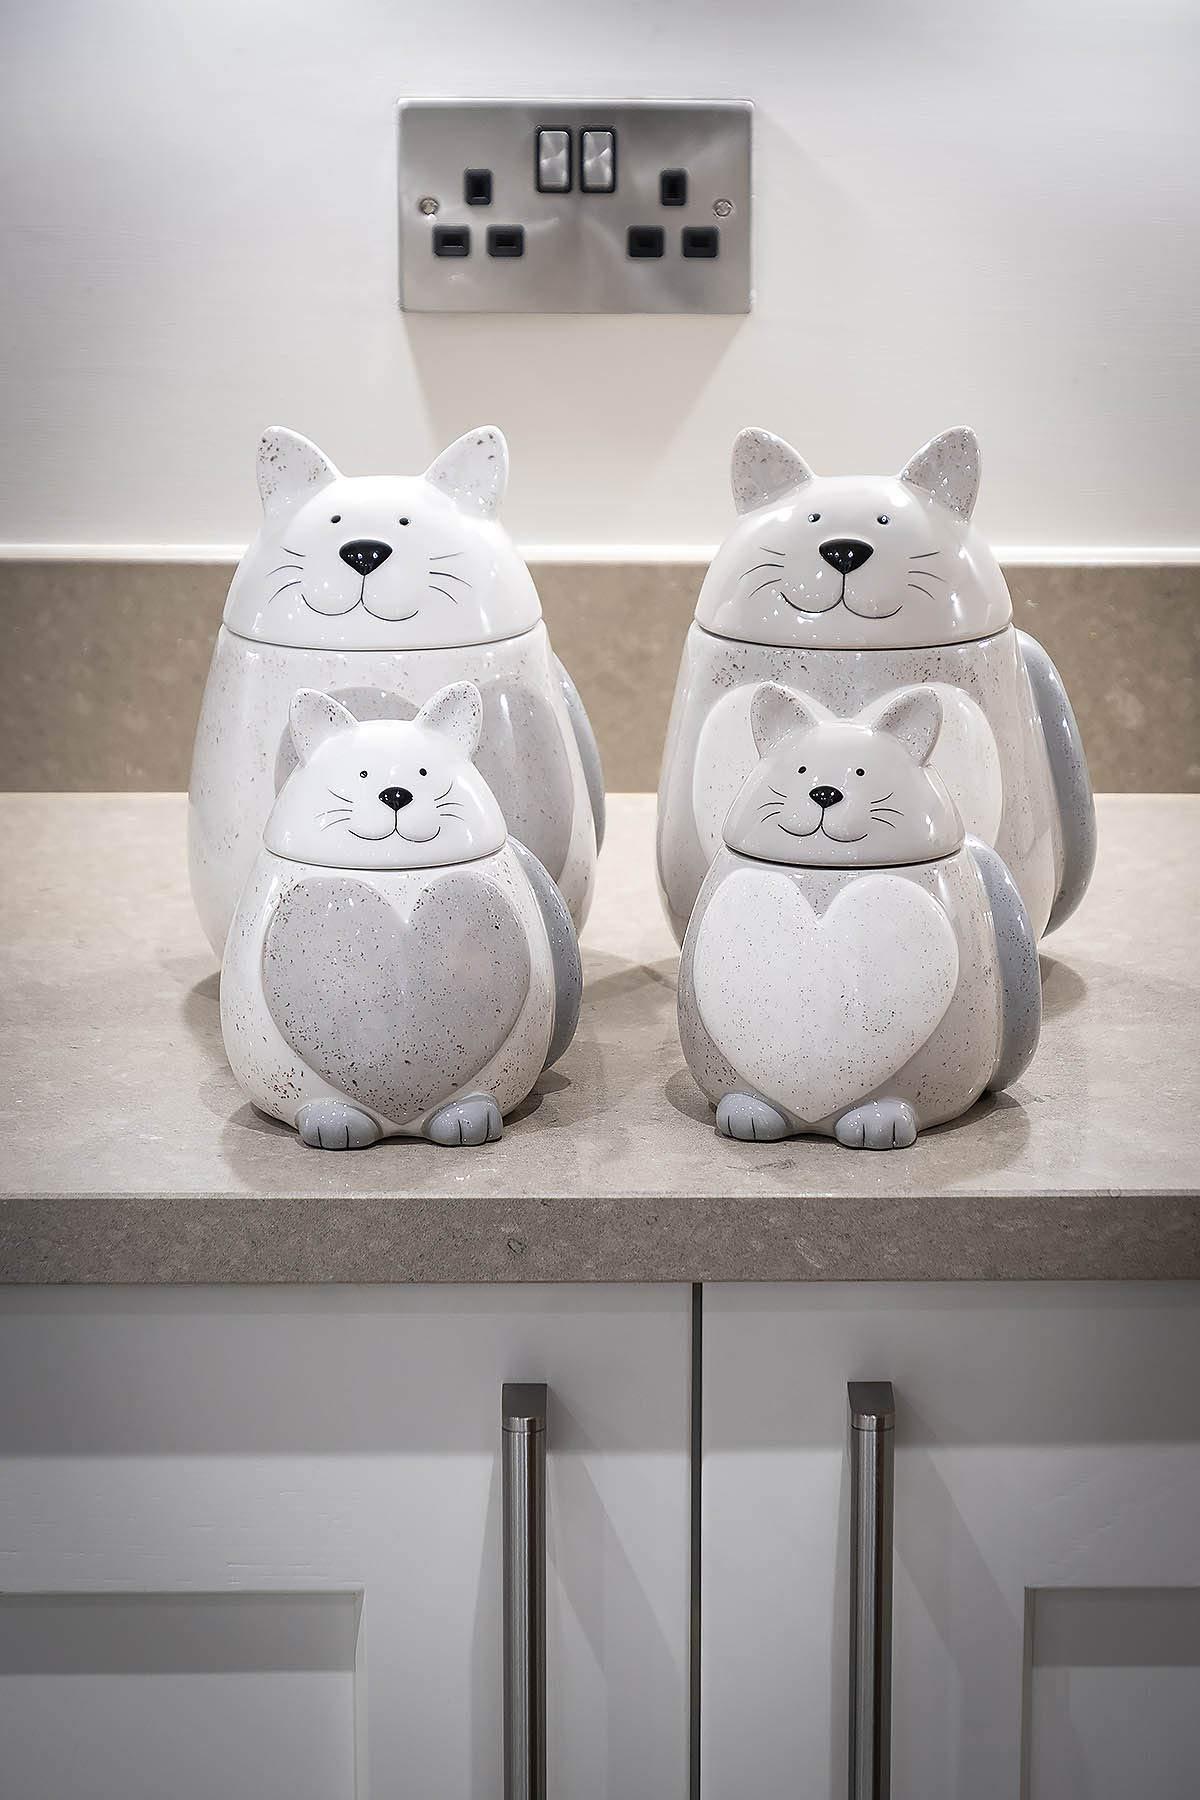 Full Size of Küchen Aufbewahrungsbehälter Spotted Dog Gift Company Vorratsdose Keramik Mit Deckel Luftdicht Regal Küche Wohnzimmer Küchen Aufbewahrungsbehälter